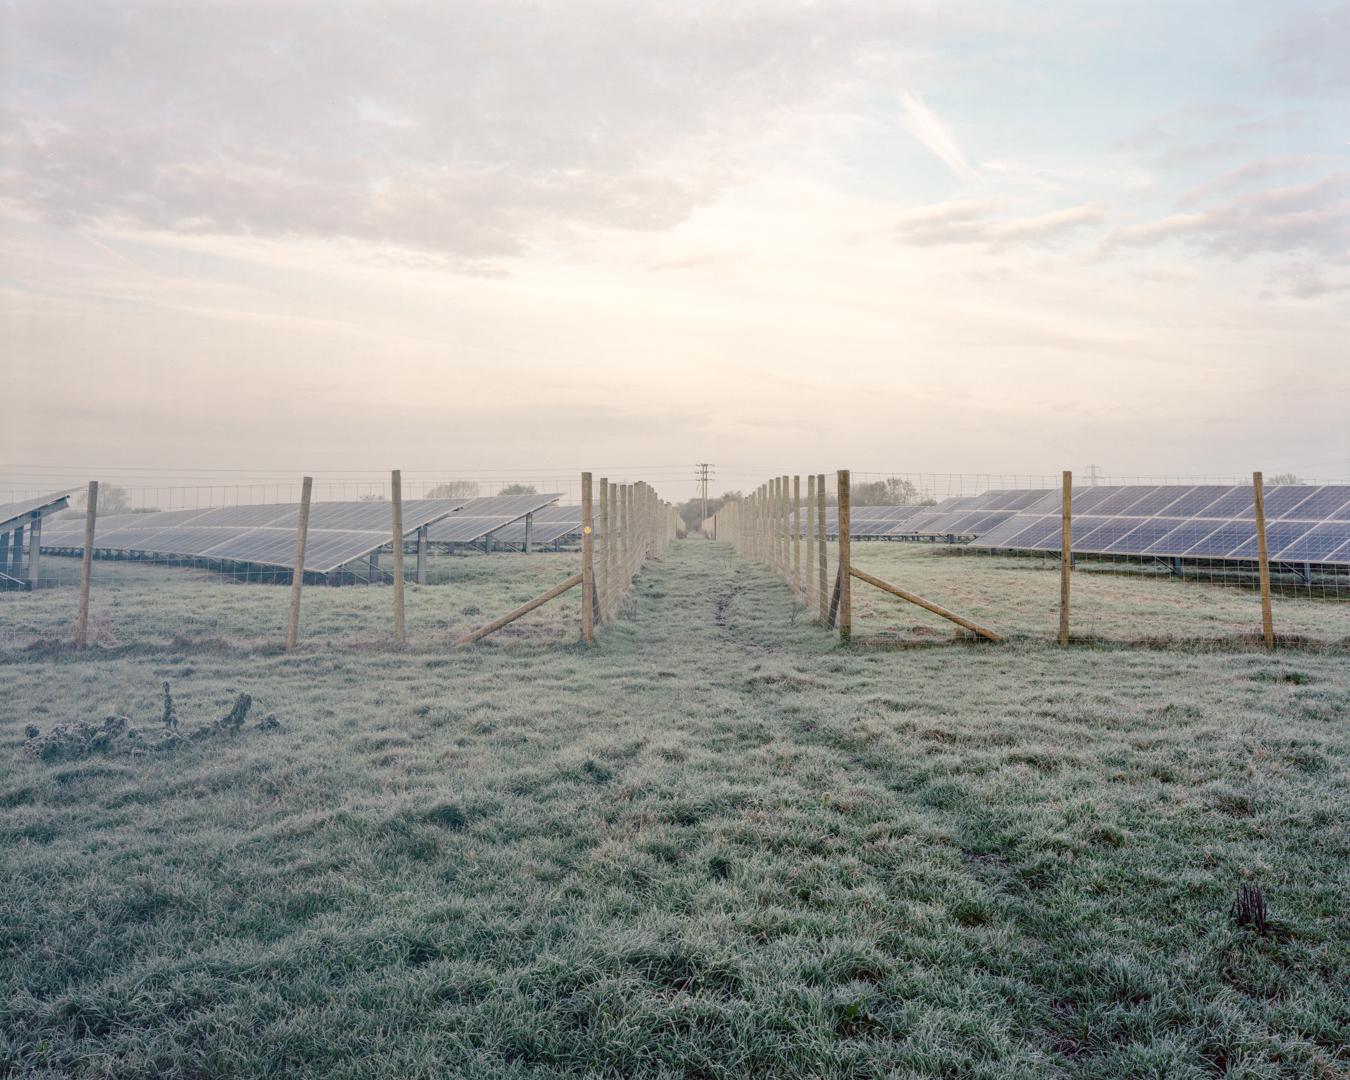 Solar Farm, Lydiard Tregoze, 2016